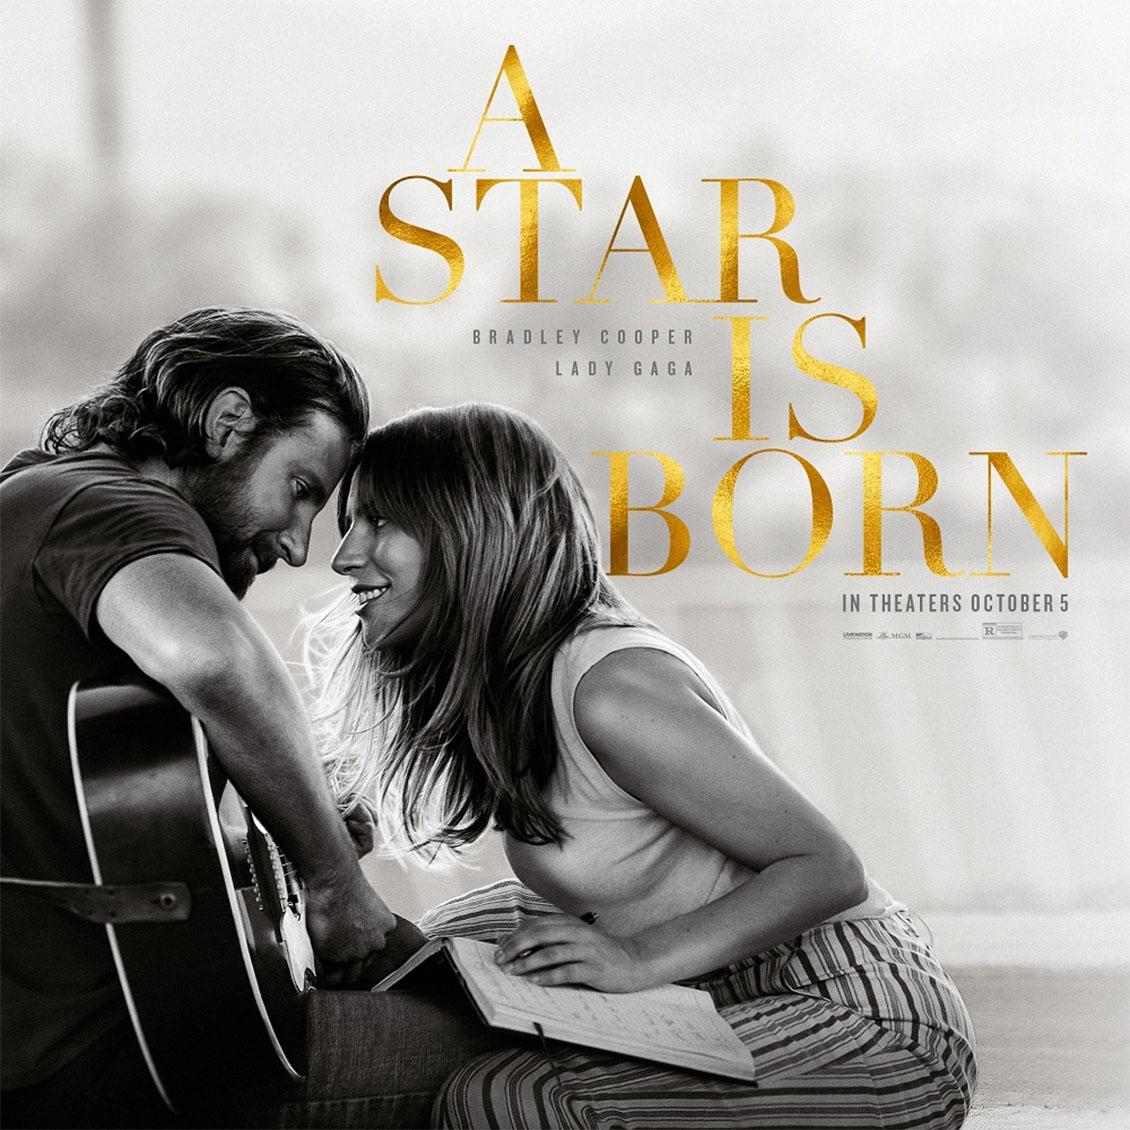 レディー・ガガ アリー スター誕生 Star Is Born